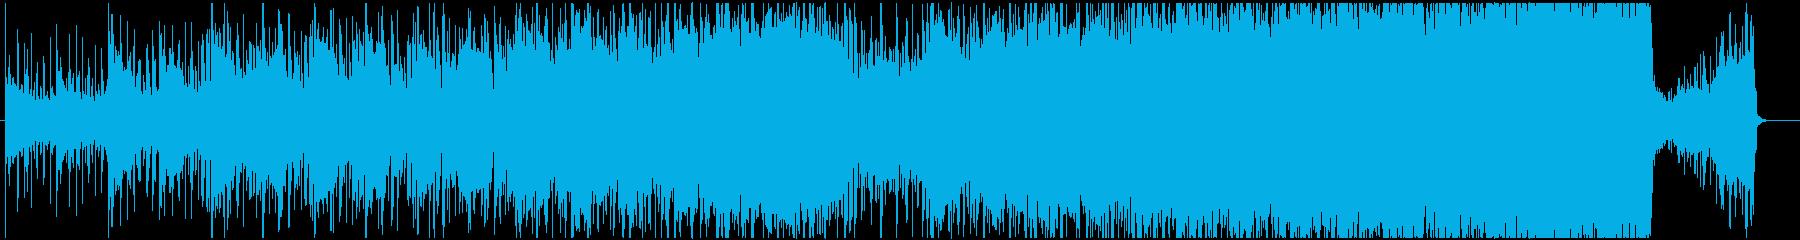 重層的なボーカルループ、ポストロックの再生済みの波形